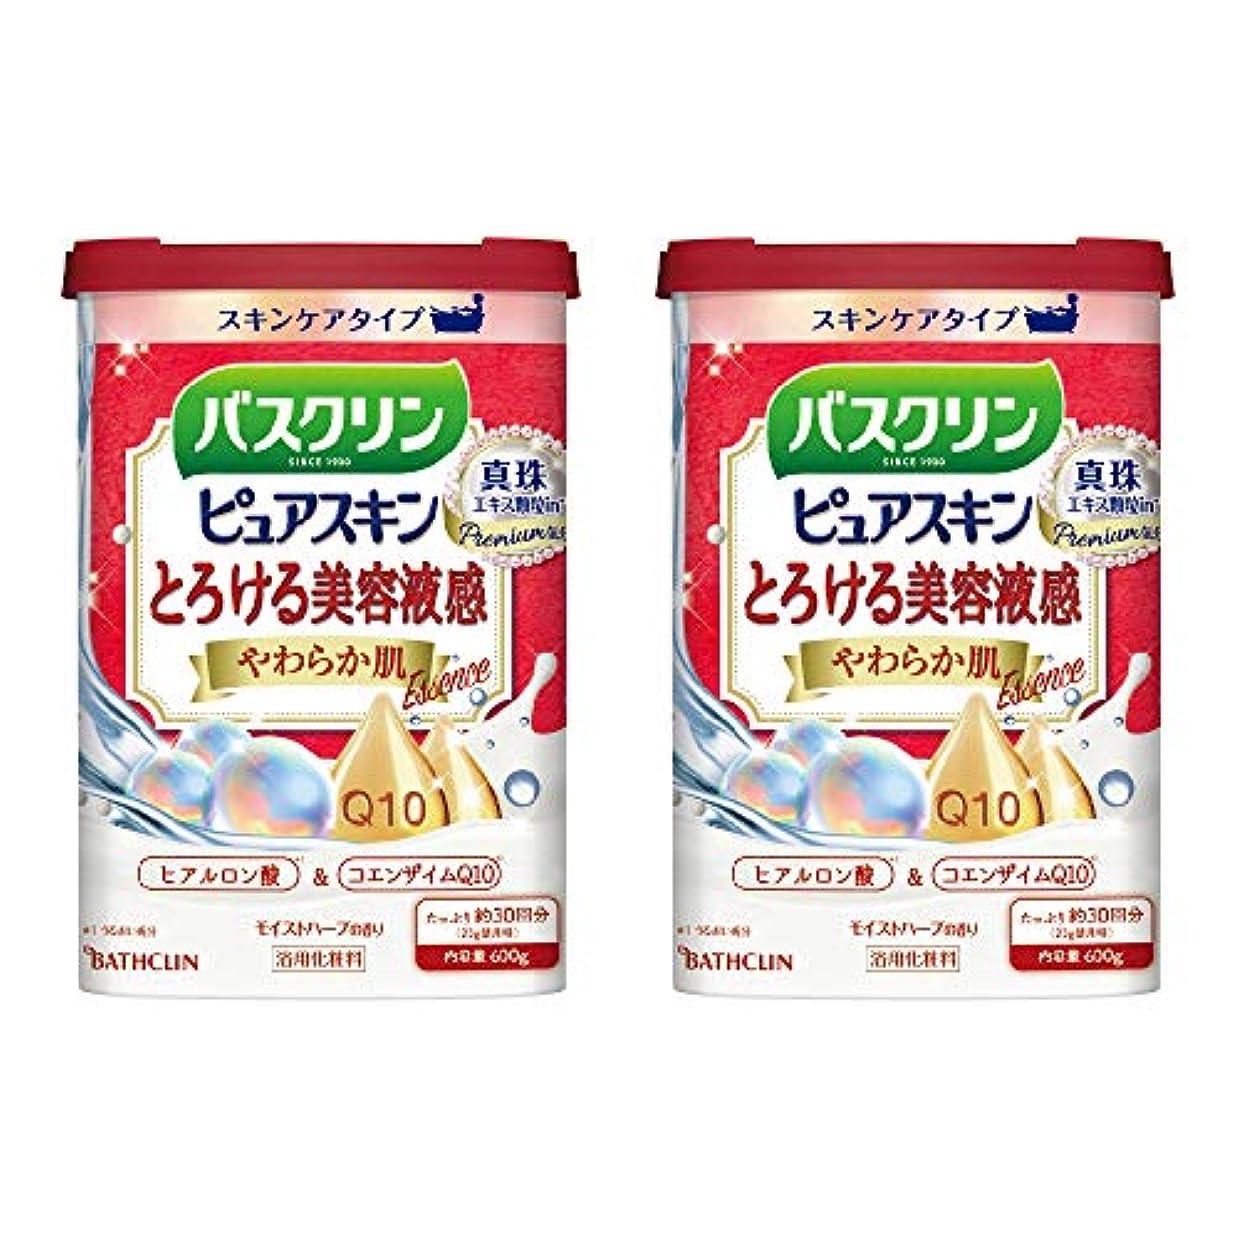 対角線デコラティブ韻【まとめ買い】バスクリンピュアスキンやわらか肌600g入浴剤(約30回分)×2個